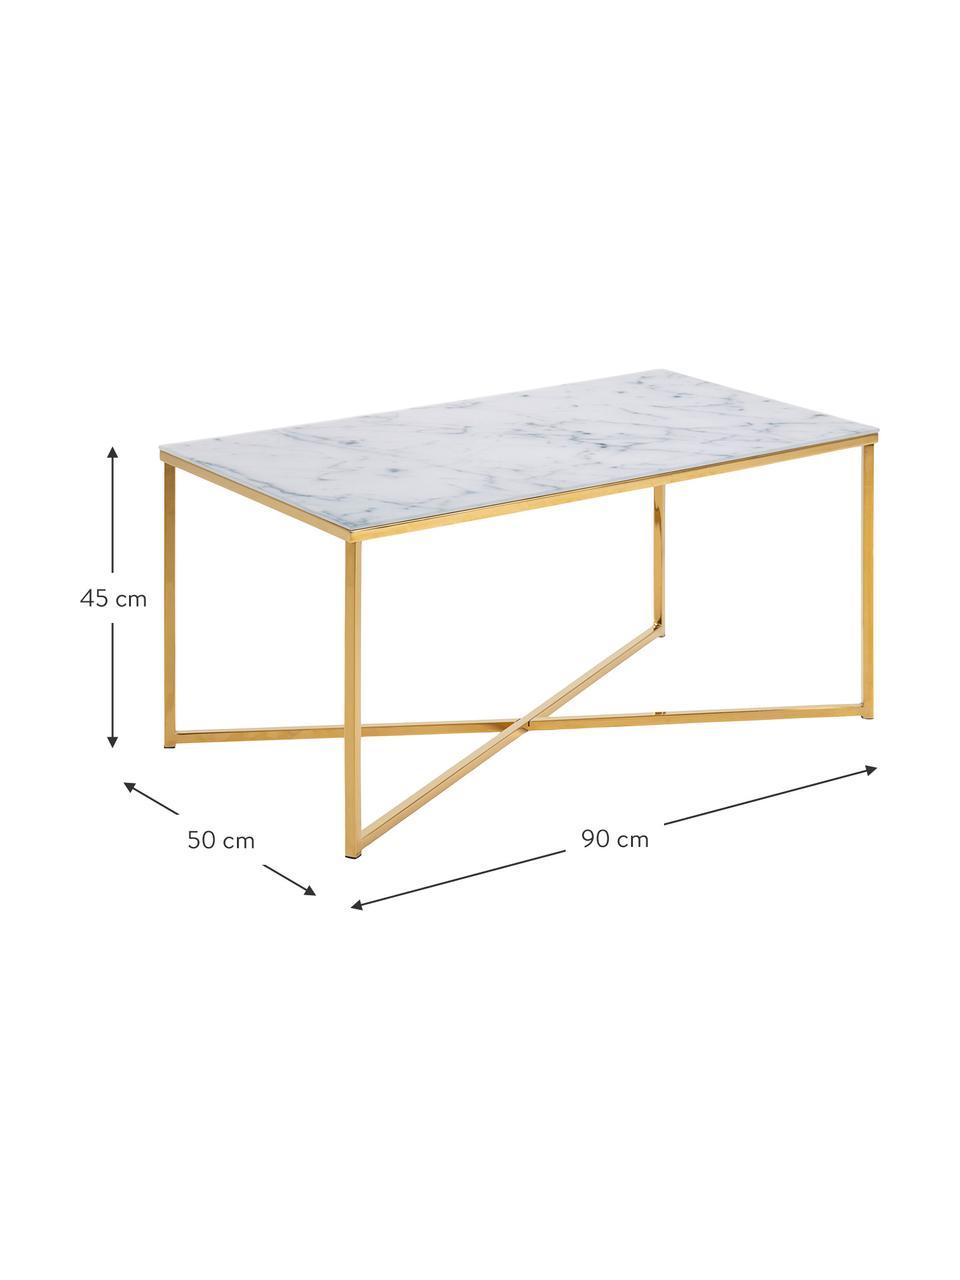 Couchtisch Aruba mit marmorierter Glasplatte, Tischplatte: Glas, matt bedruckt, Gestell: Stahl, vermessingt, Weiß, grau marmoriert, Messsingfarben, 90 x 45 cm